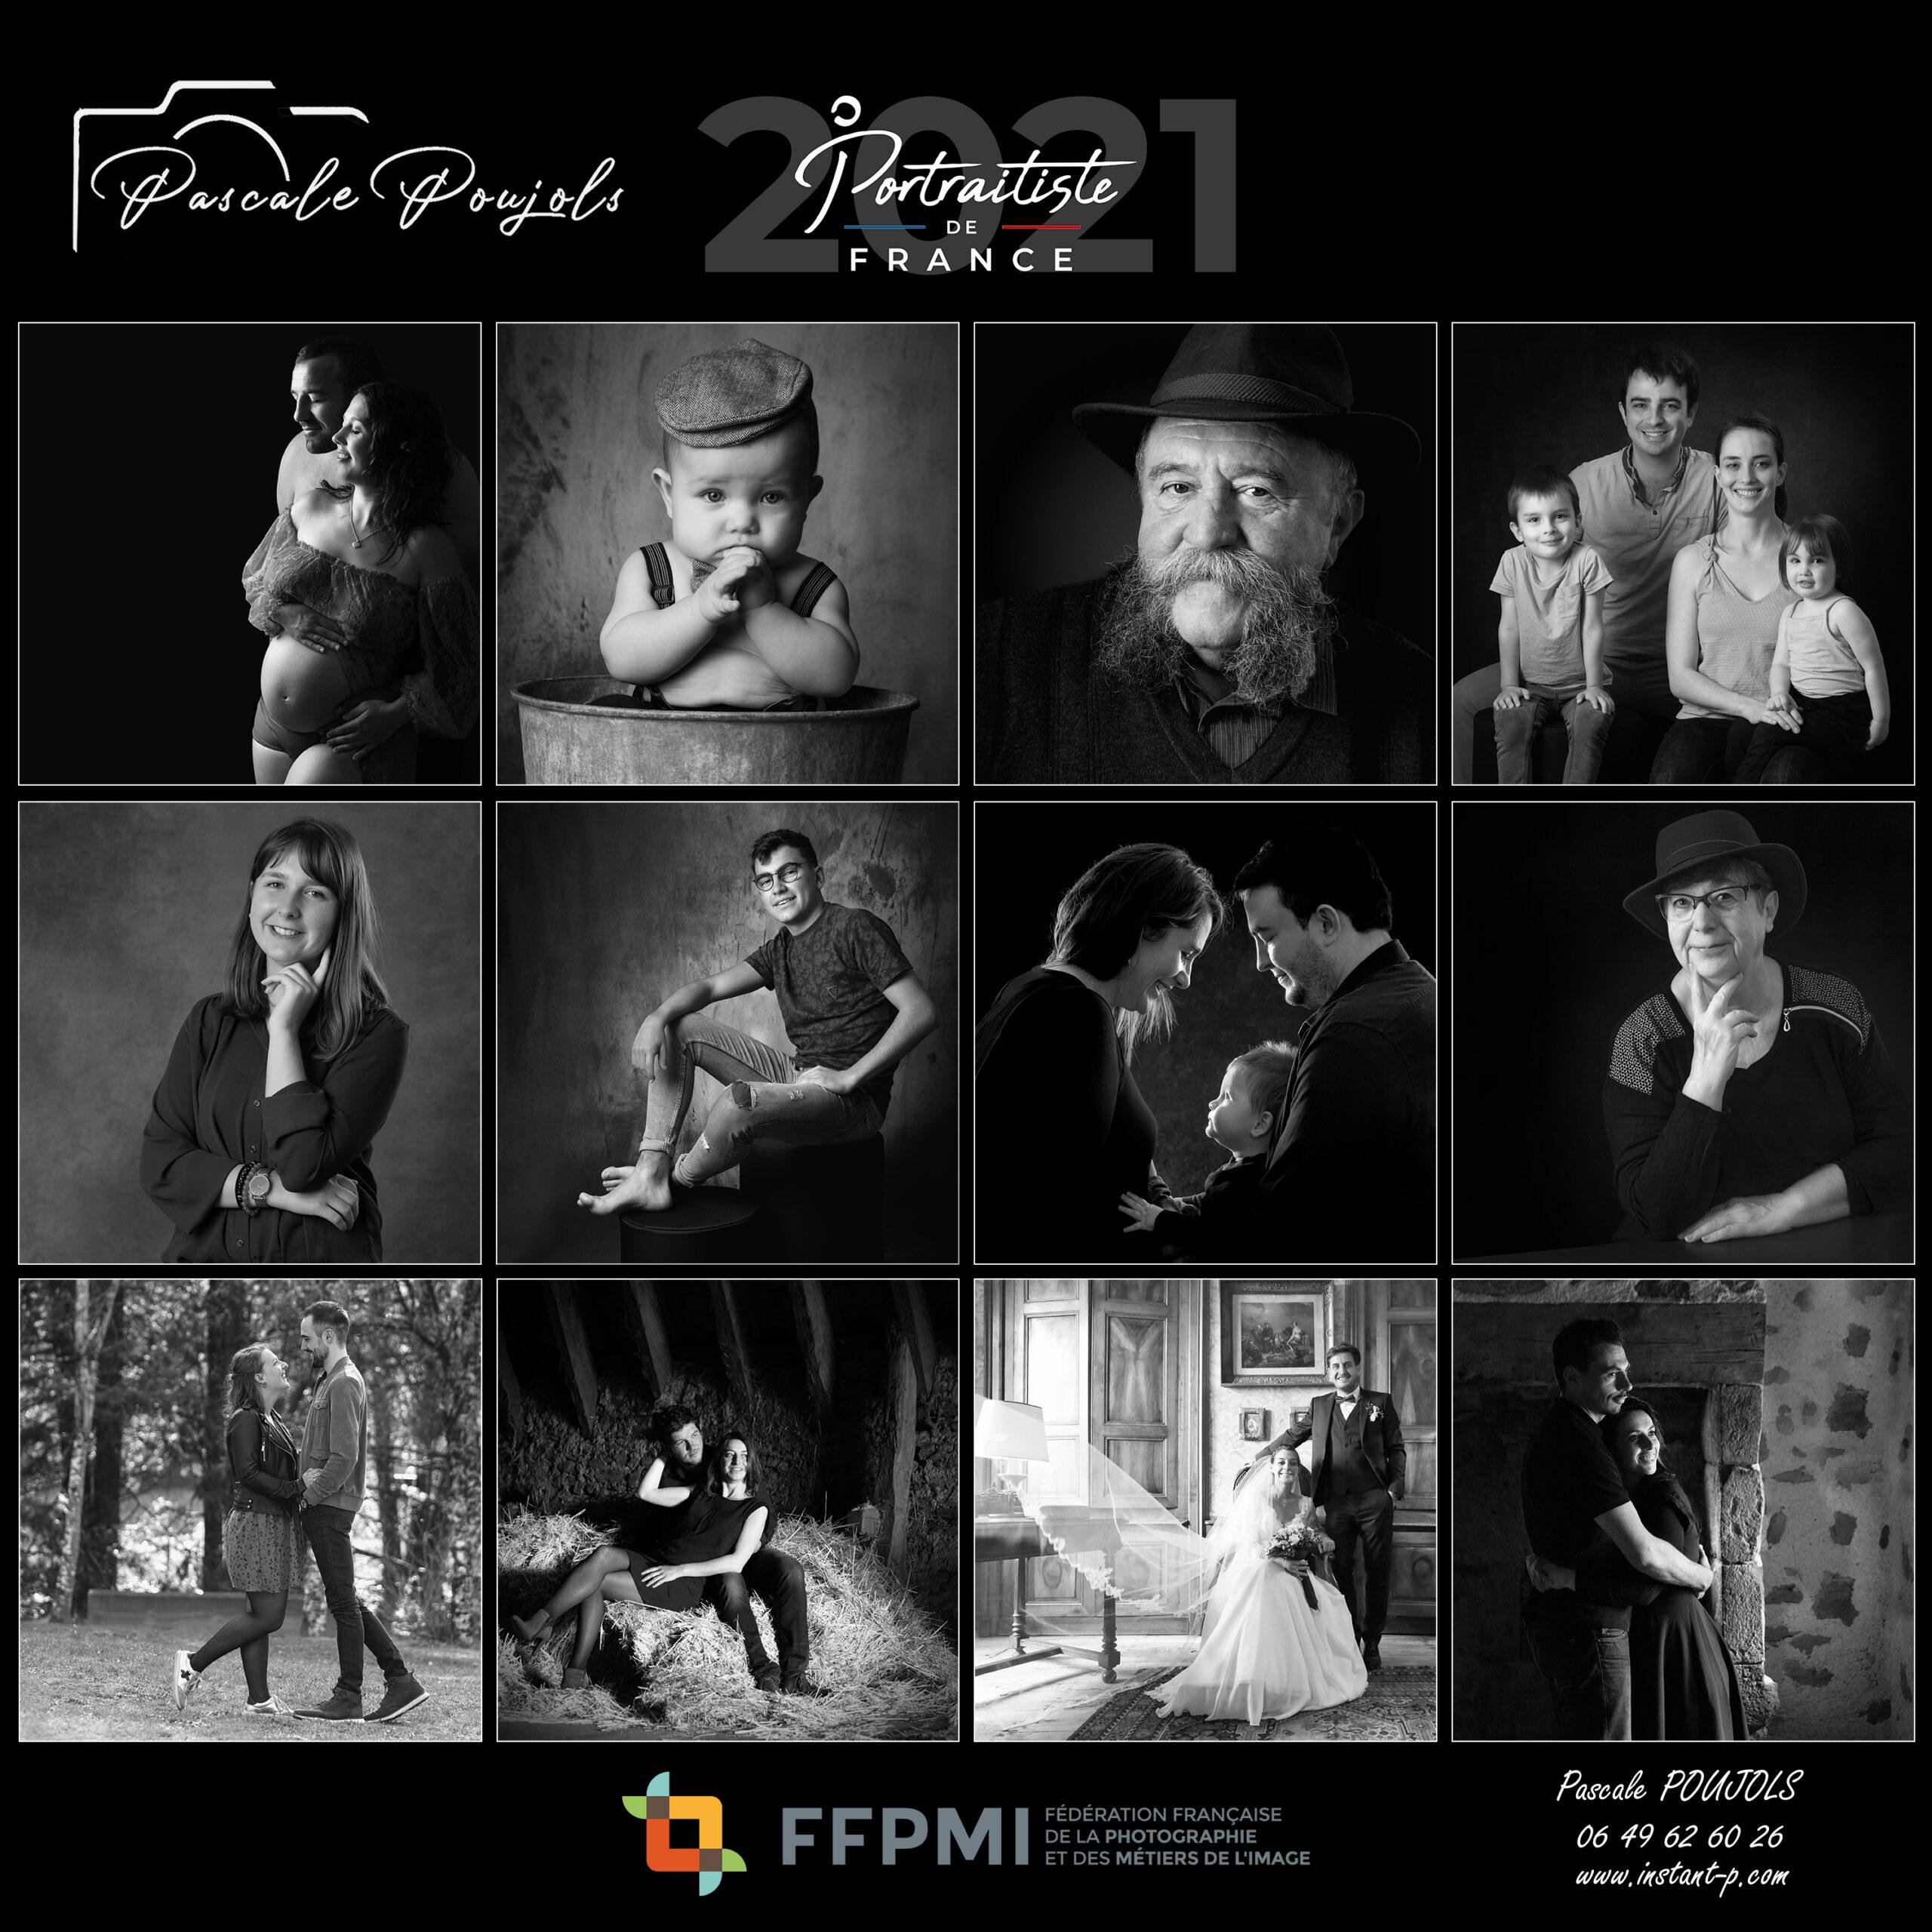 Portraitiste de France 2021 - Pascale POUJOLS Aurillac Cantal